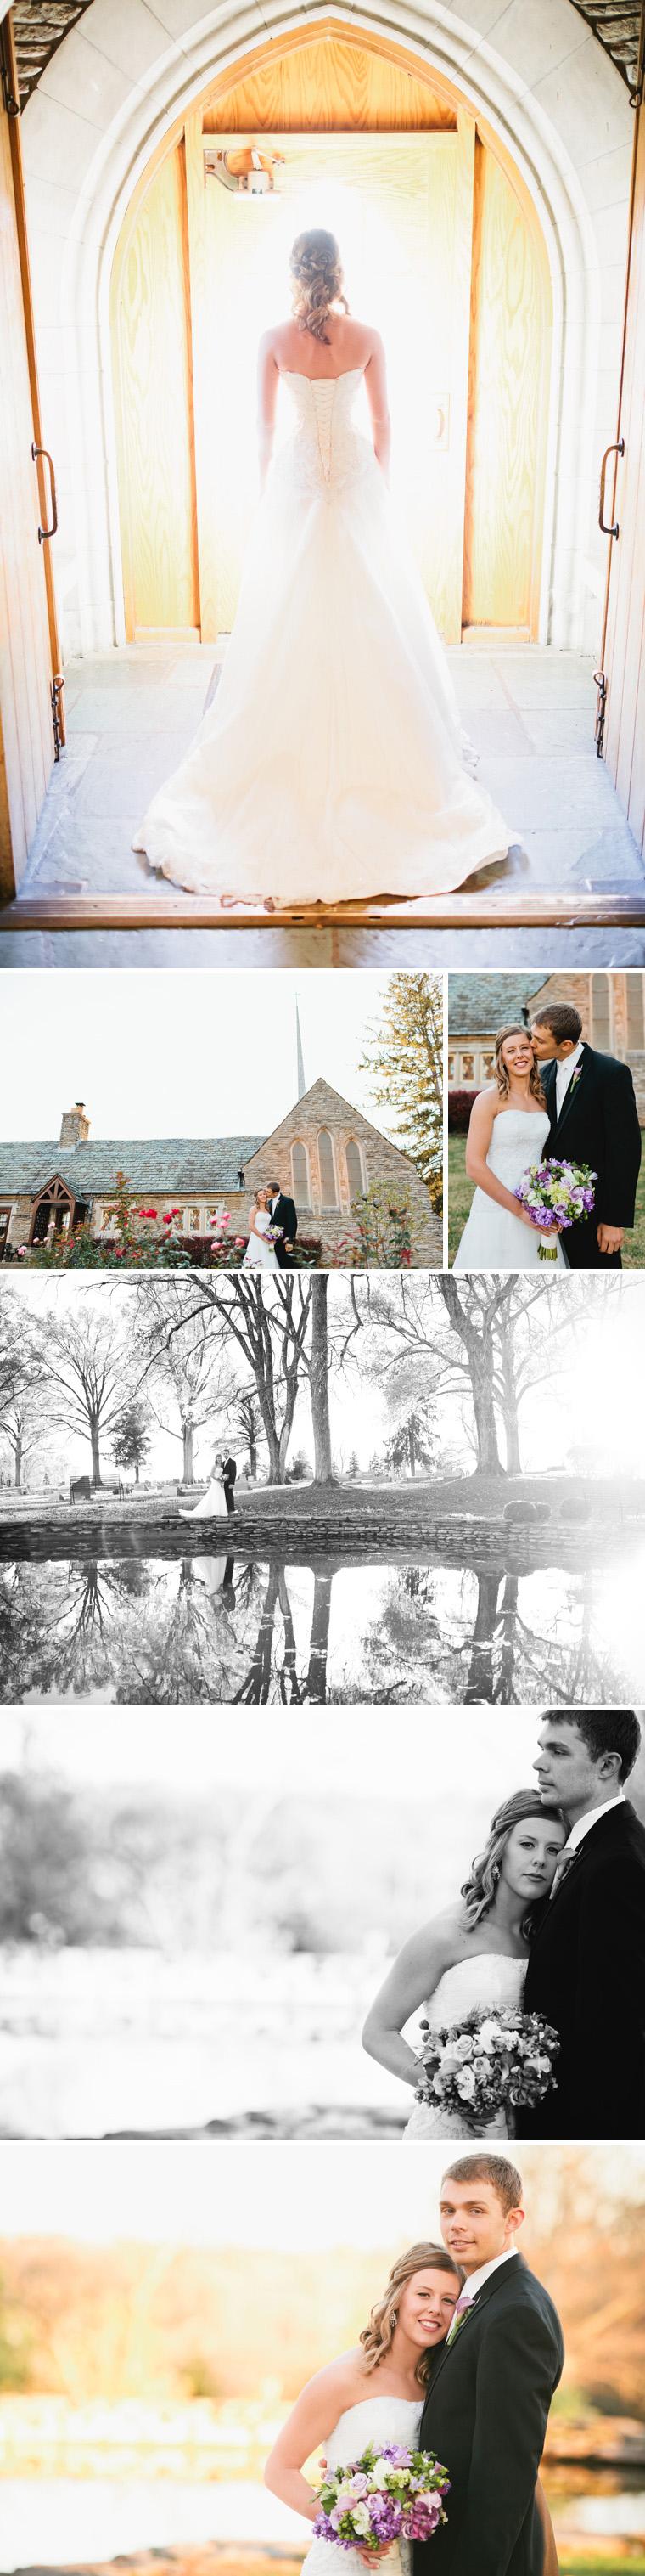 Brandon & Lauren wedding 7